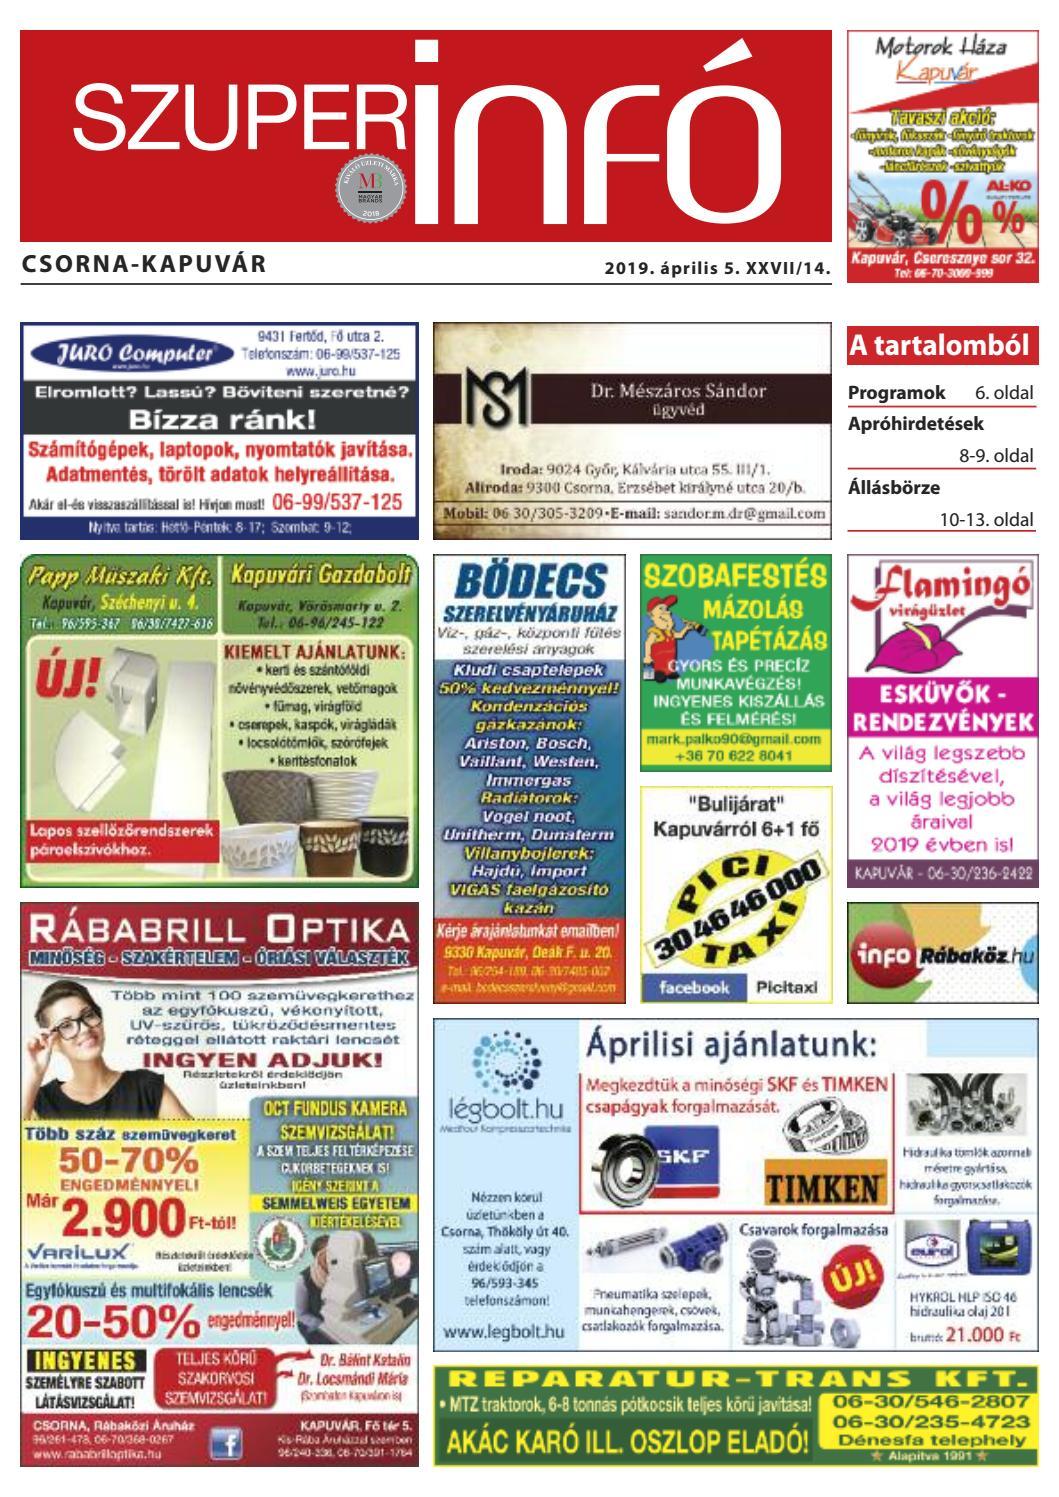 mezőgazdasági termelők társkereső weboldal hirdetés